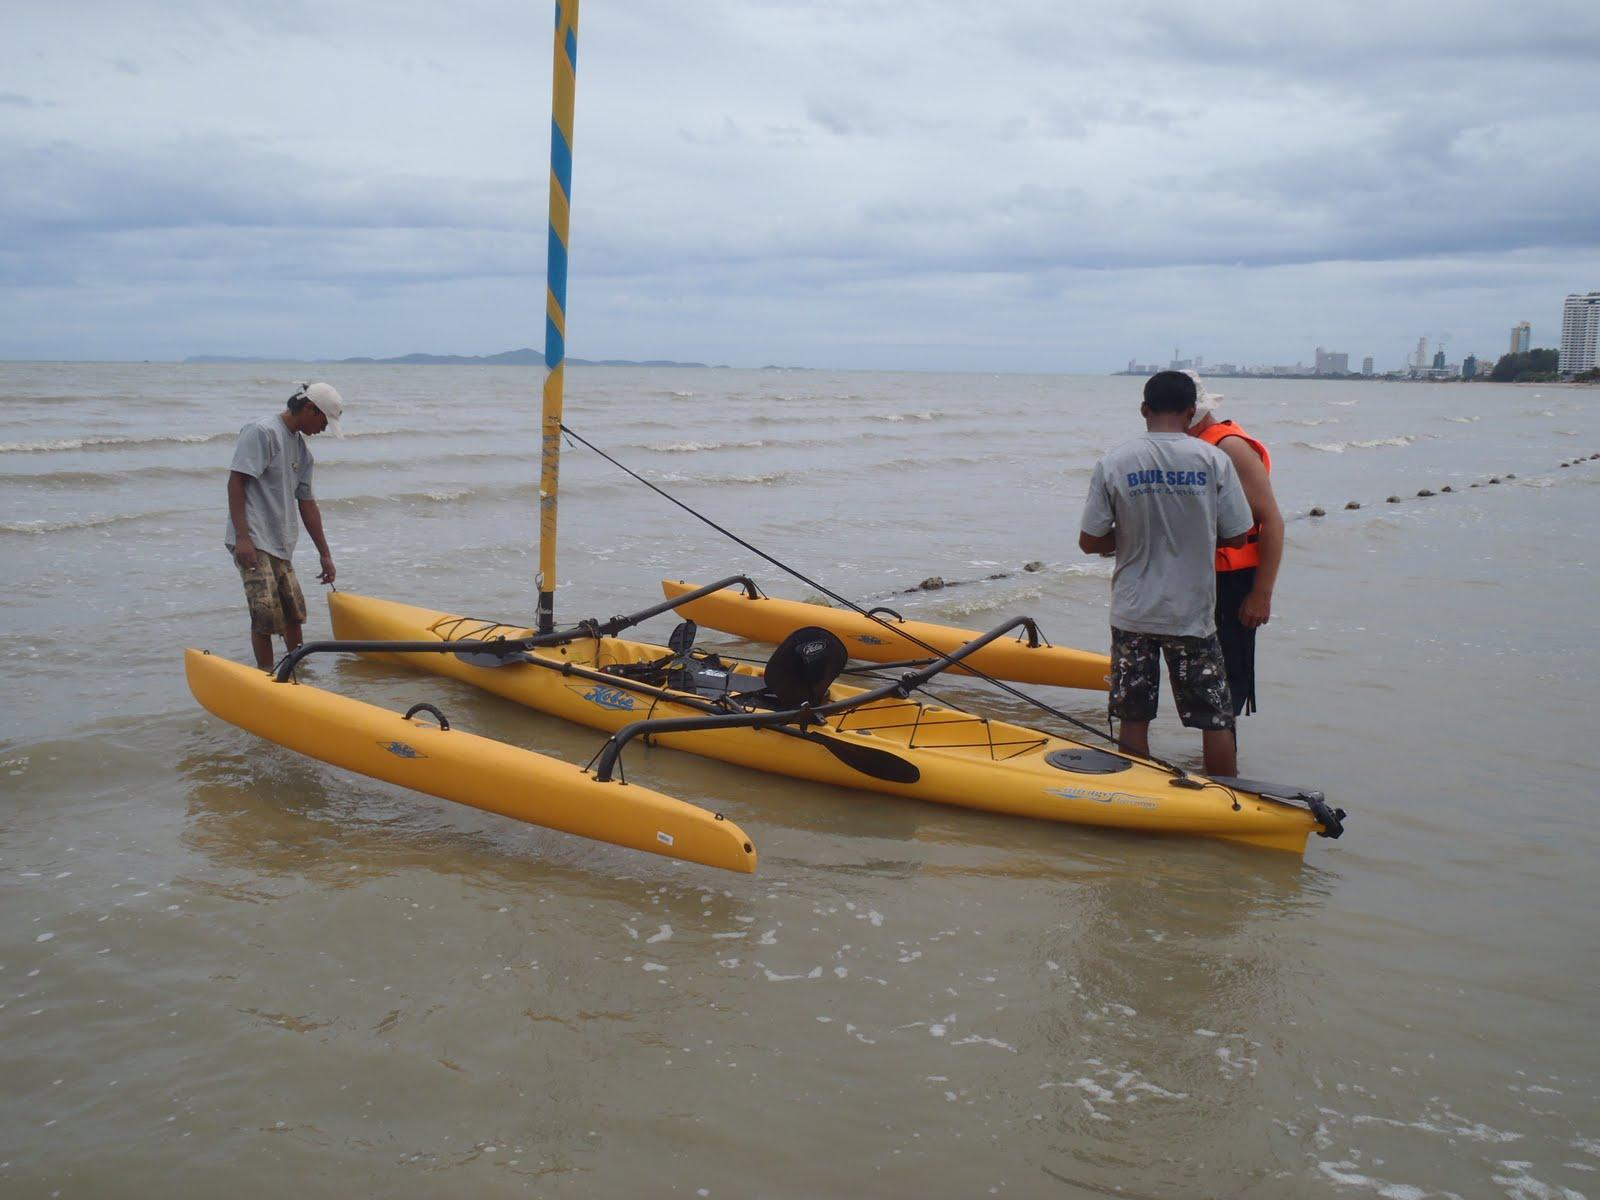 Hobie demo day experience kayak fishing singapore for Hobie fishing kayak